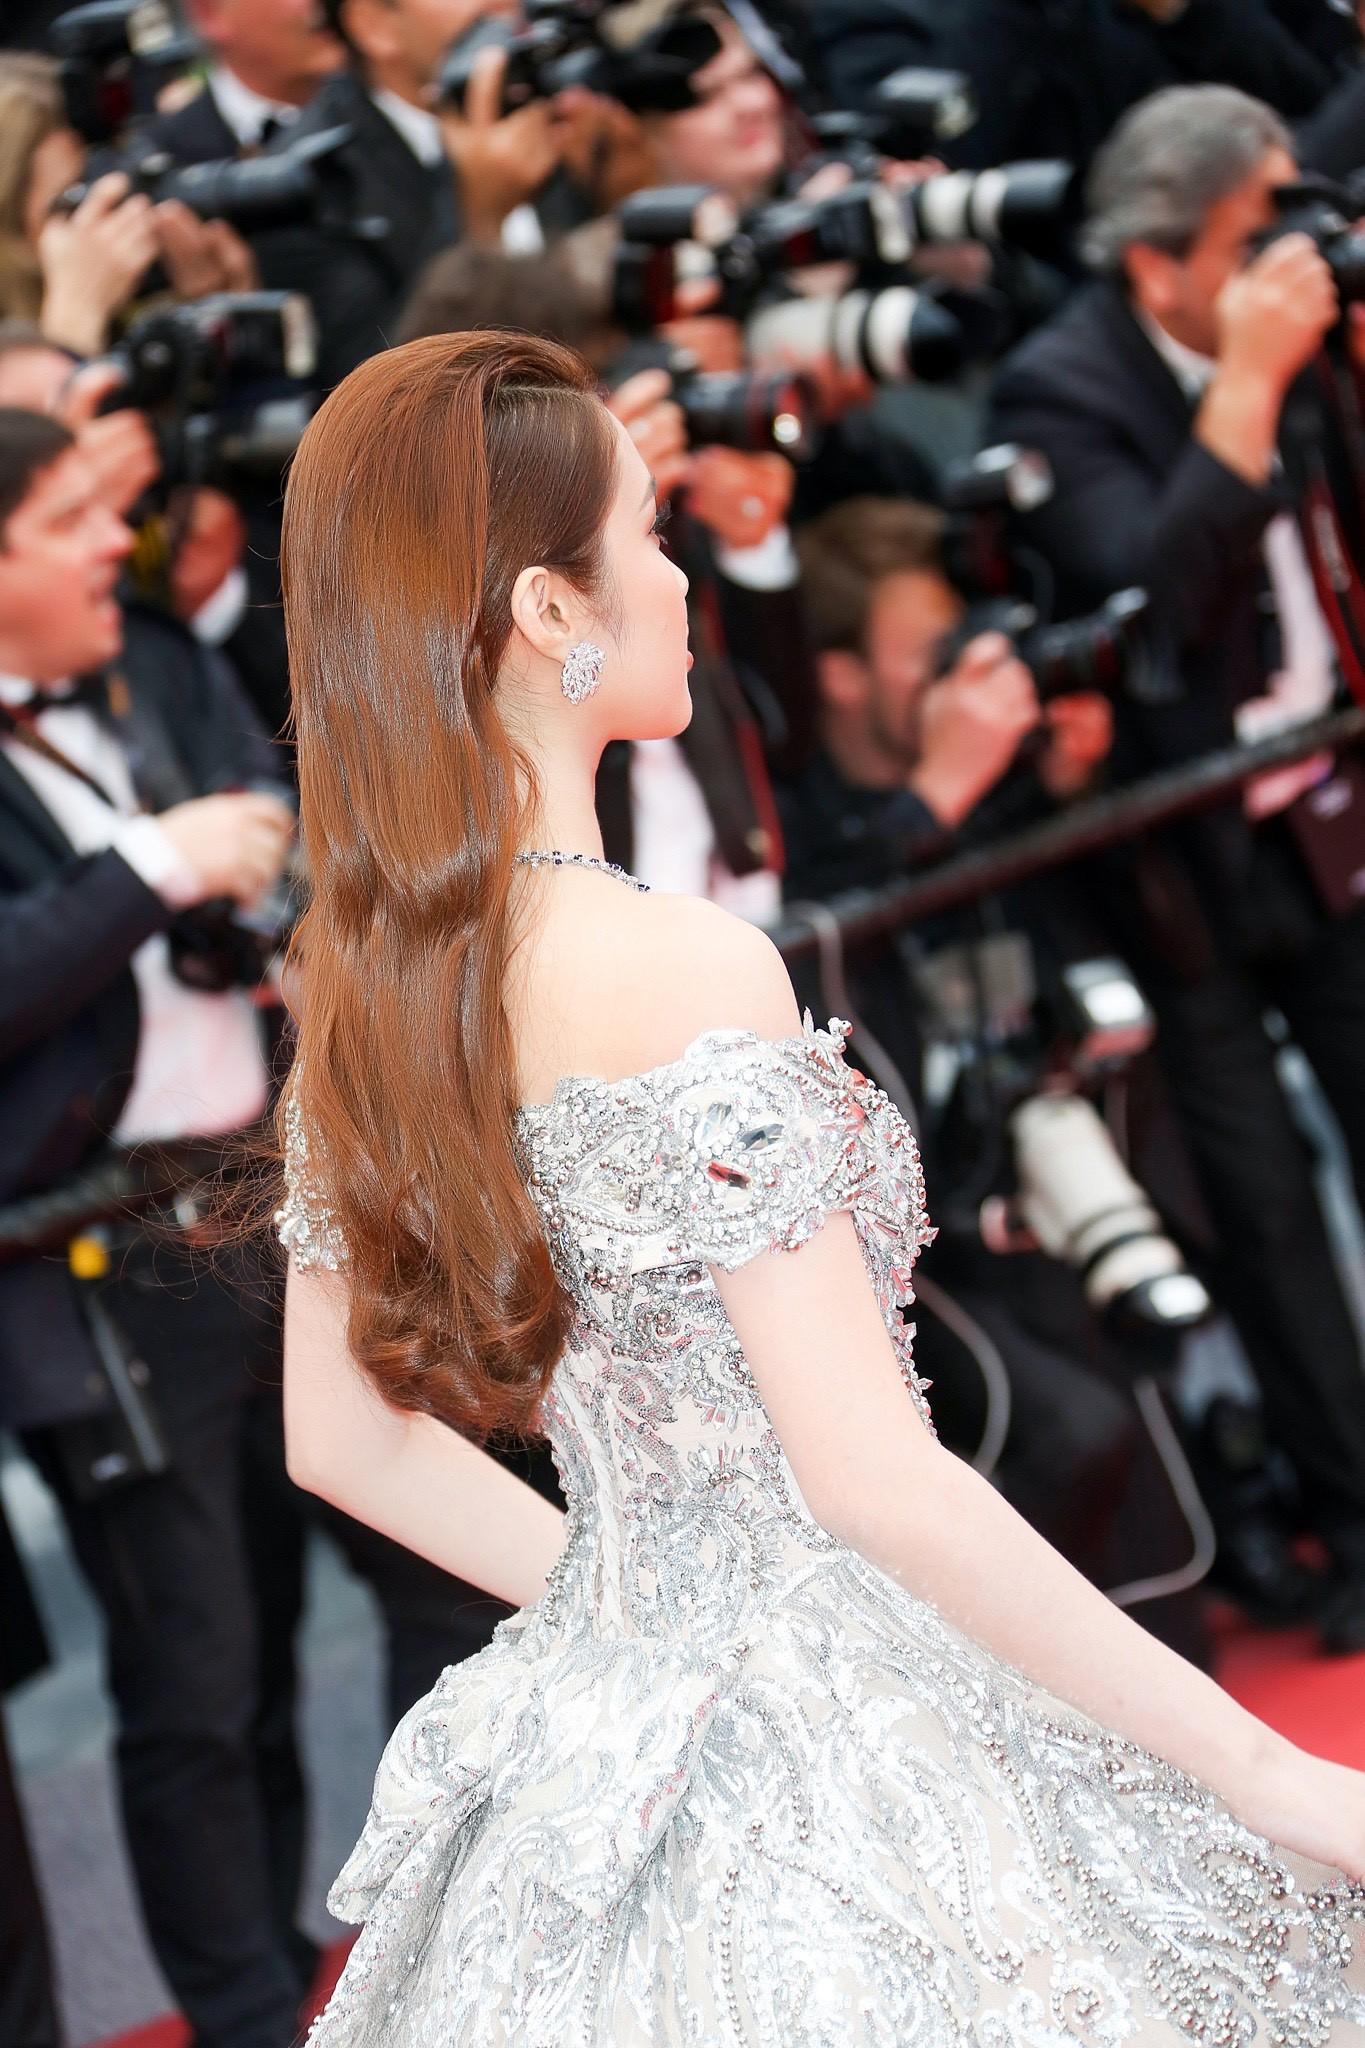 Lần đầu đến Cannes, bản sao Ngọc Trinh xuất hiện lộng lẫy trên thảm đỏ với trang sức tiền tỷ - Ảnh 5.